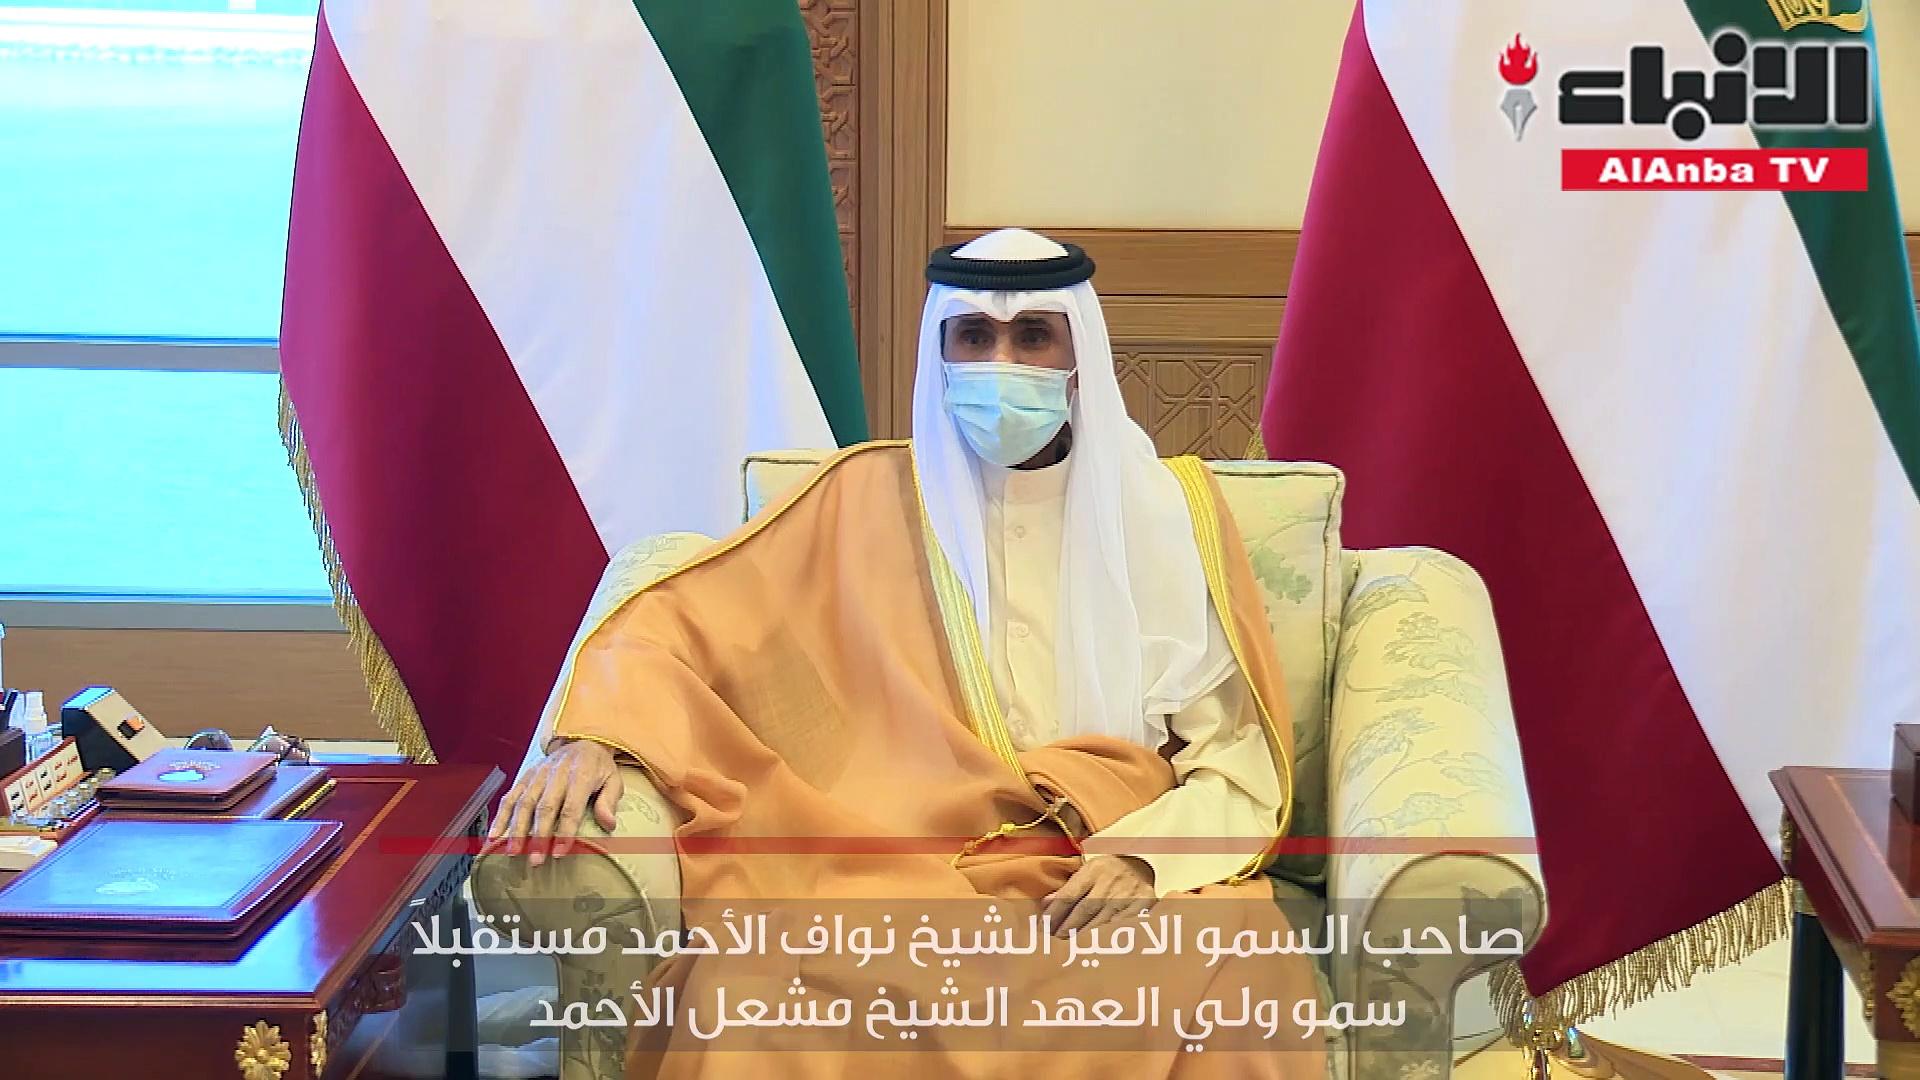 صاحب السمو الأمير الشيخ نواف الأحمد مستقبلا سمو ولي العهد الشيخ مشعل الأحمد